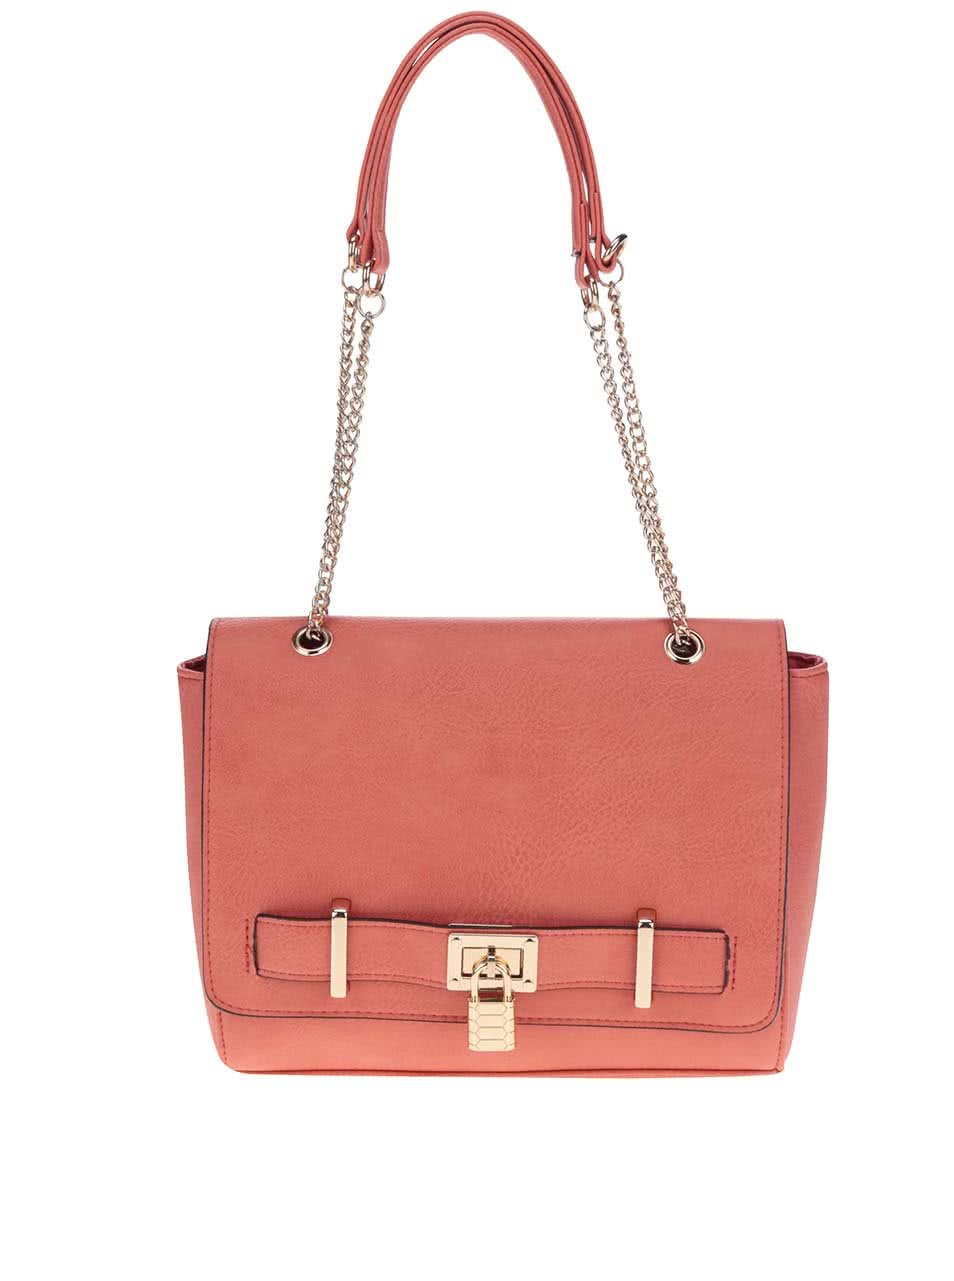 Červená kabelka s detailmi v zlatej farbe Love Juno ... cce2e914bb